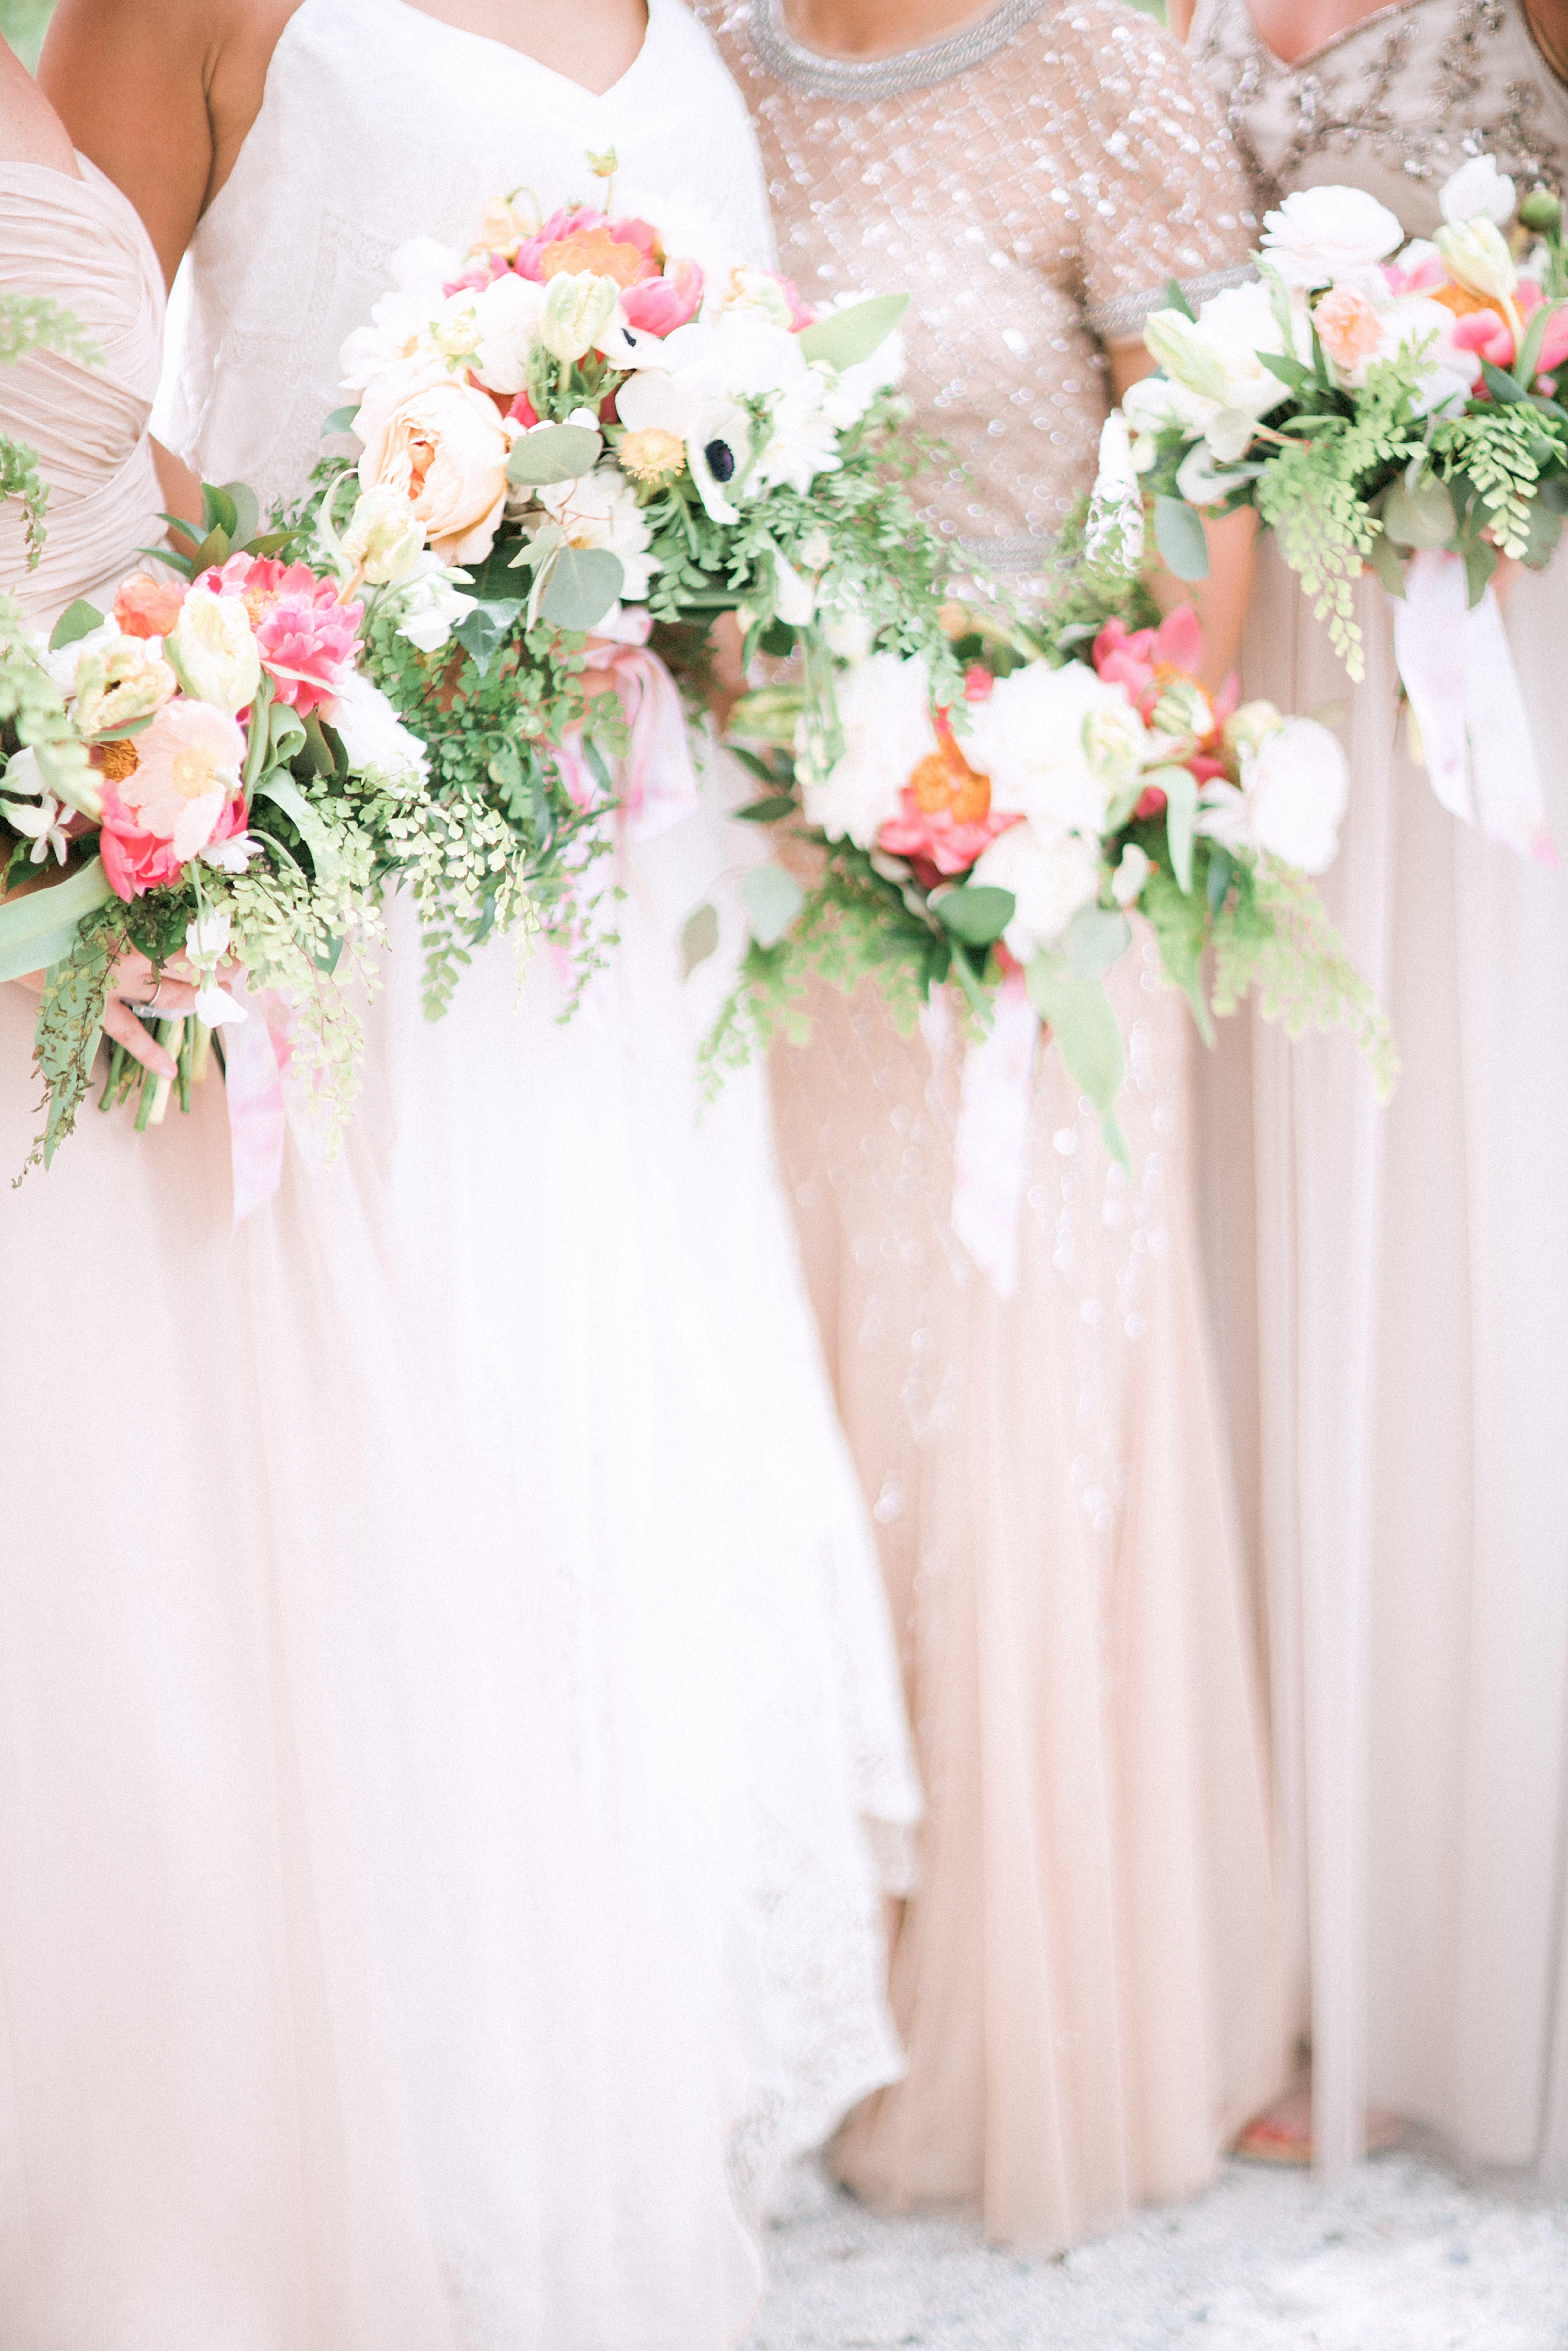 Wedding Flowers Bride Bouquet Ideas Bridesmaid Bouquets Blush